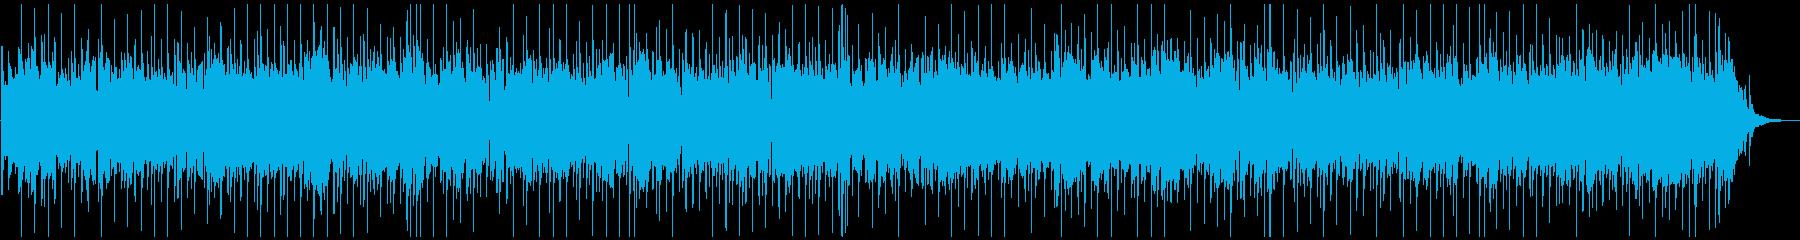 ピアノ、バンジョー、カントリーロックの再生済みの波形